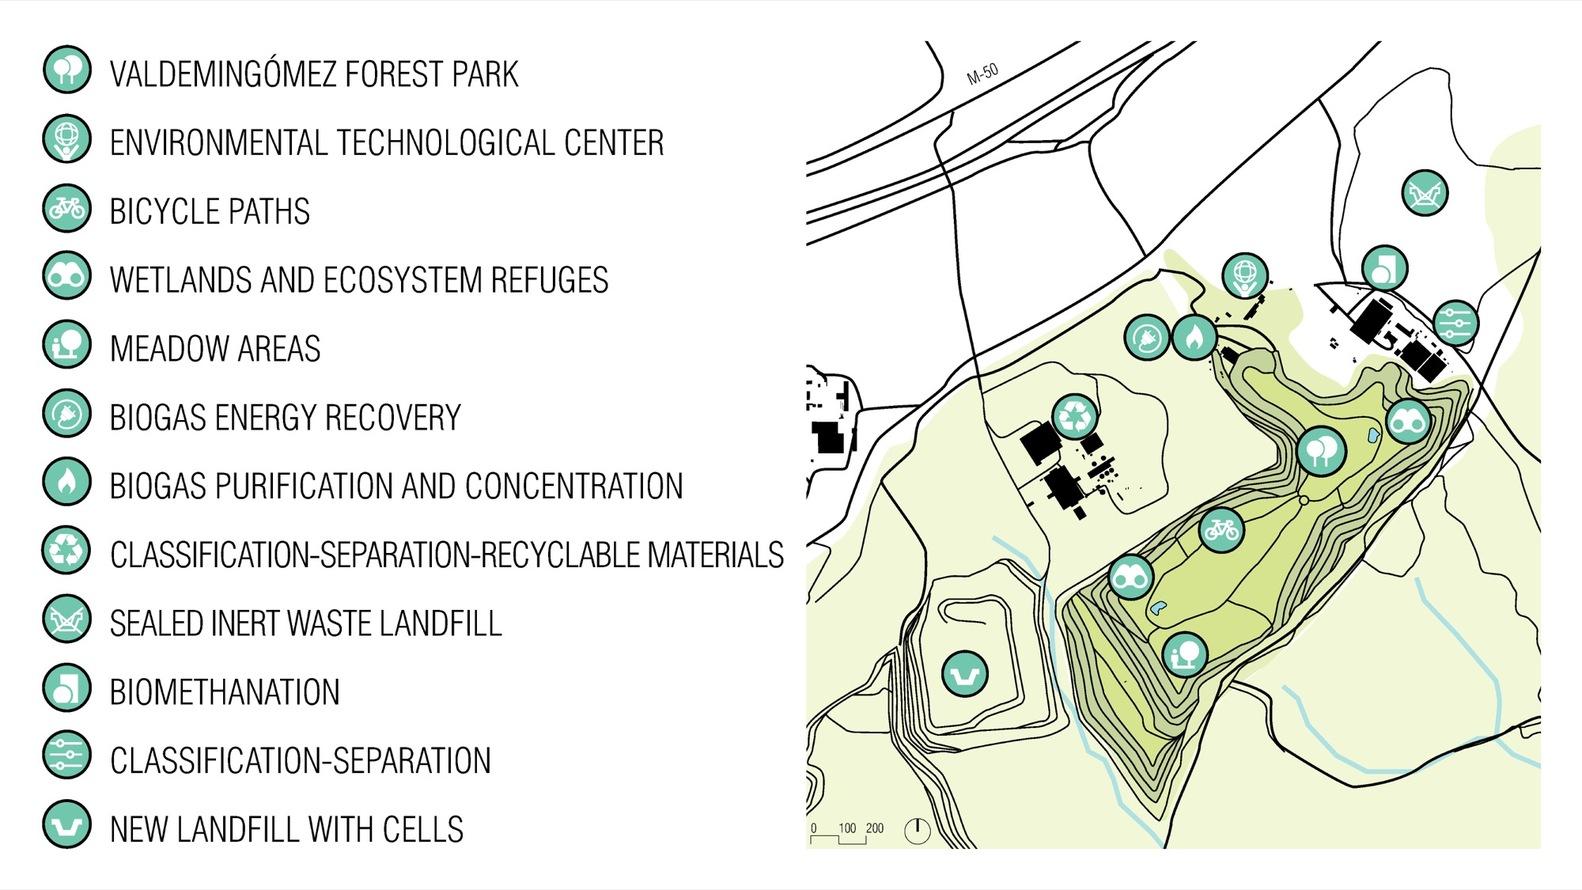 medium resolution of valdemingomez forest park diagram